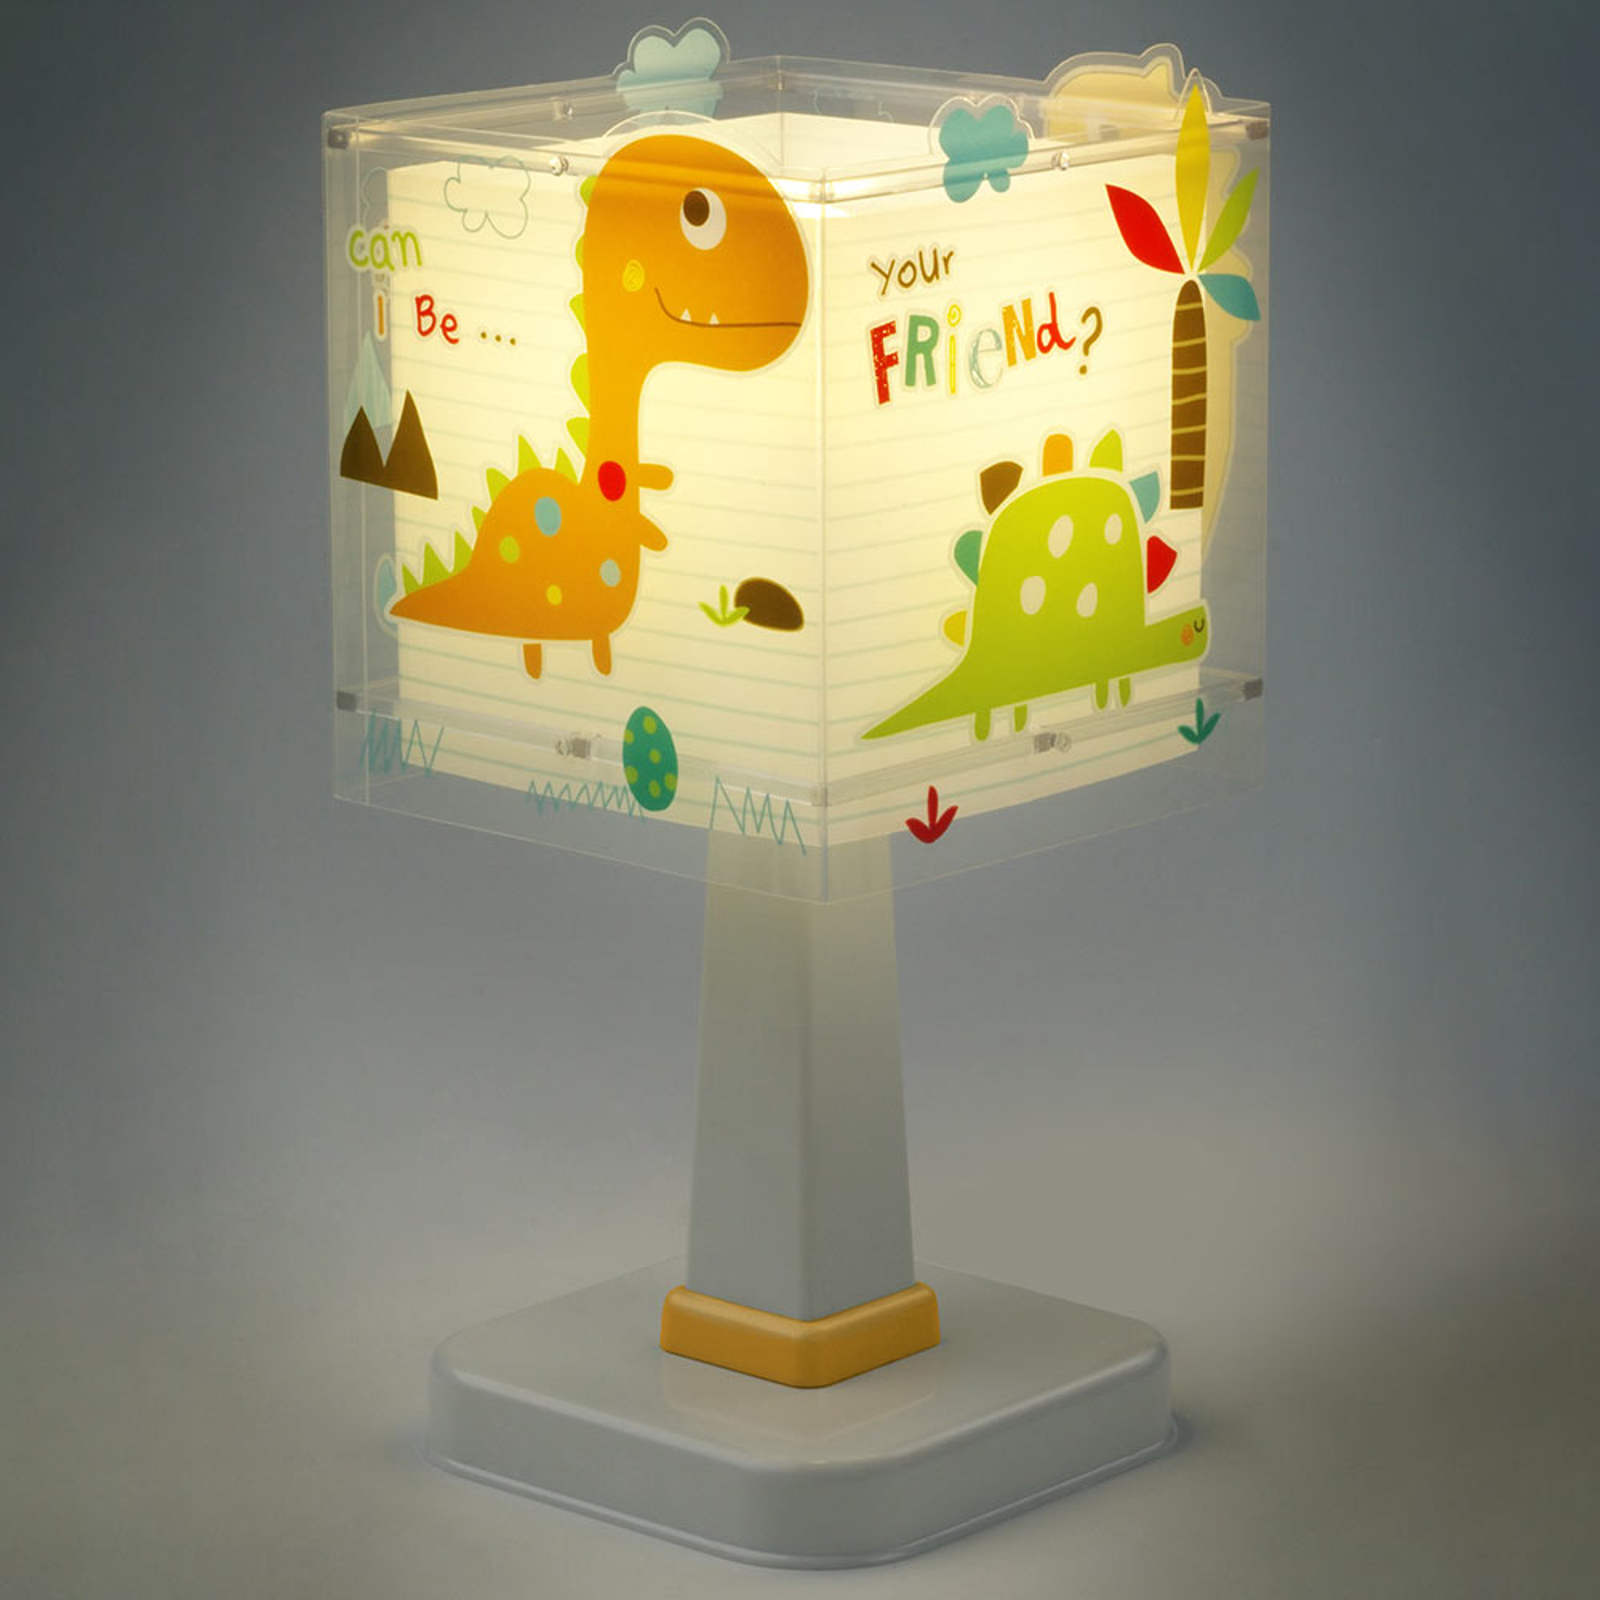 Hoekig vormgegeven kinderkamer tafellamp Dinos